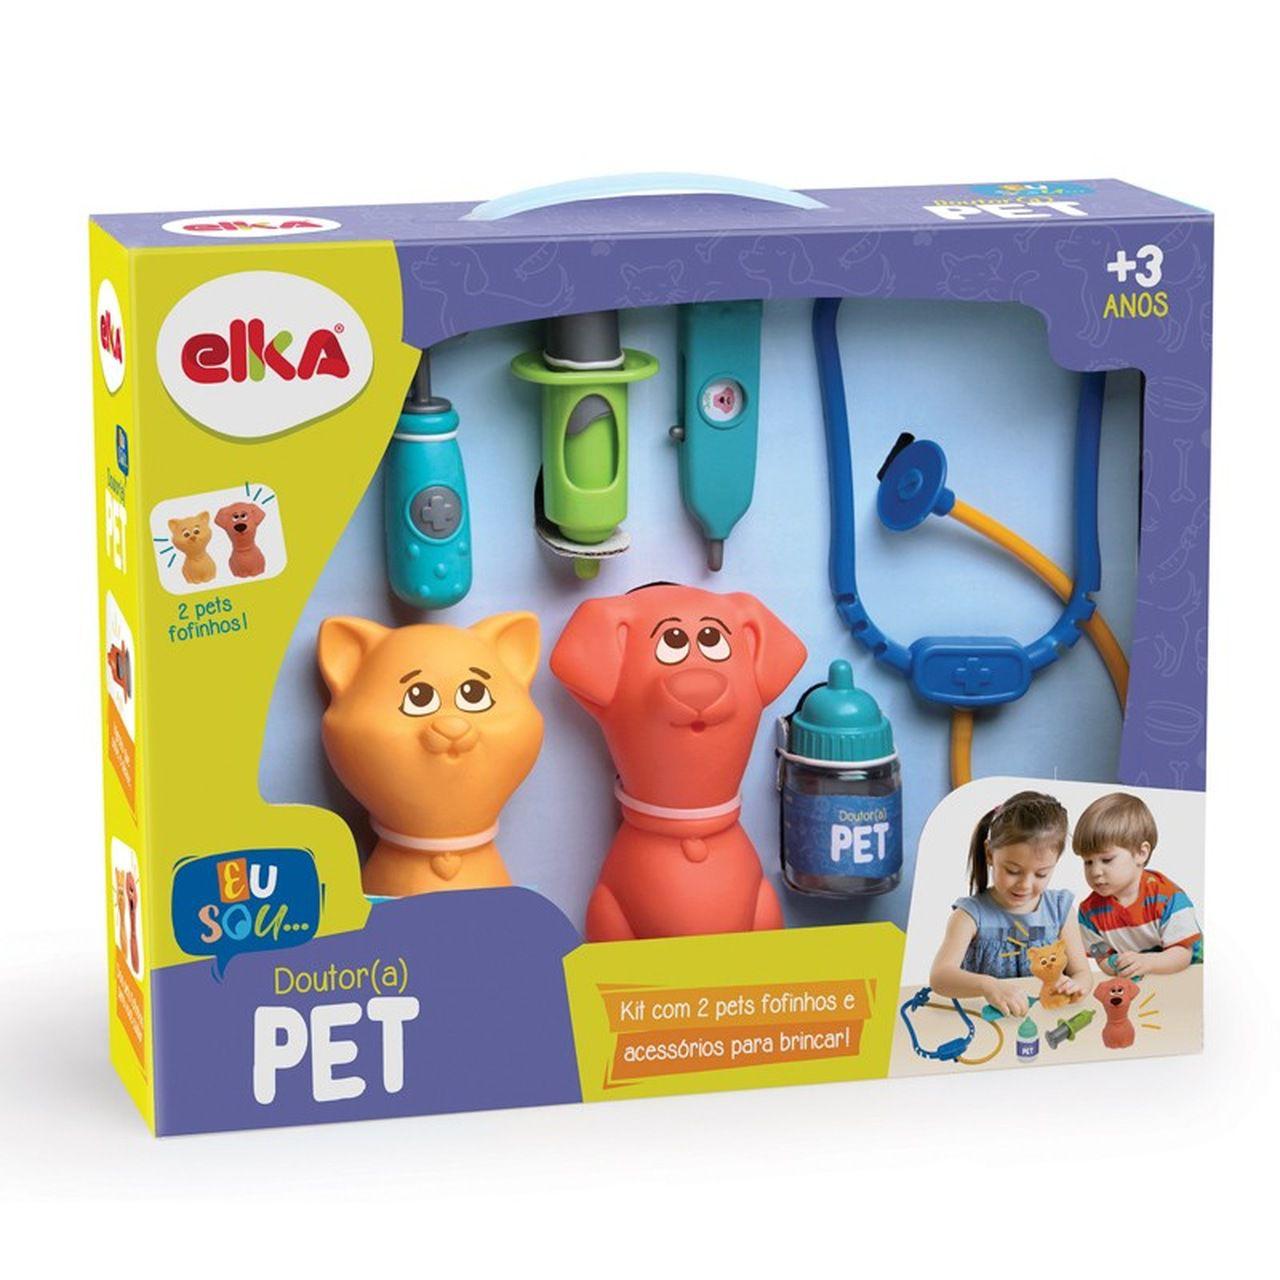 Brinquedo Infantil Doutor (a) Pet - Elka